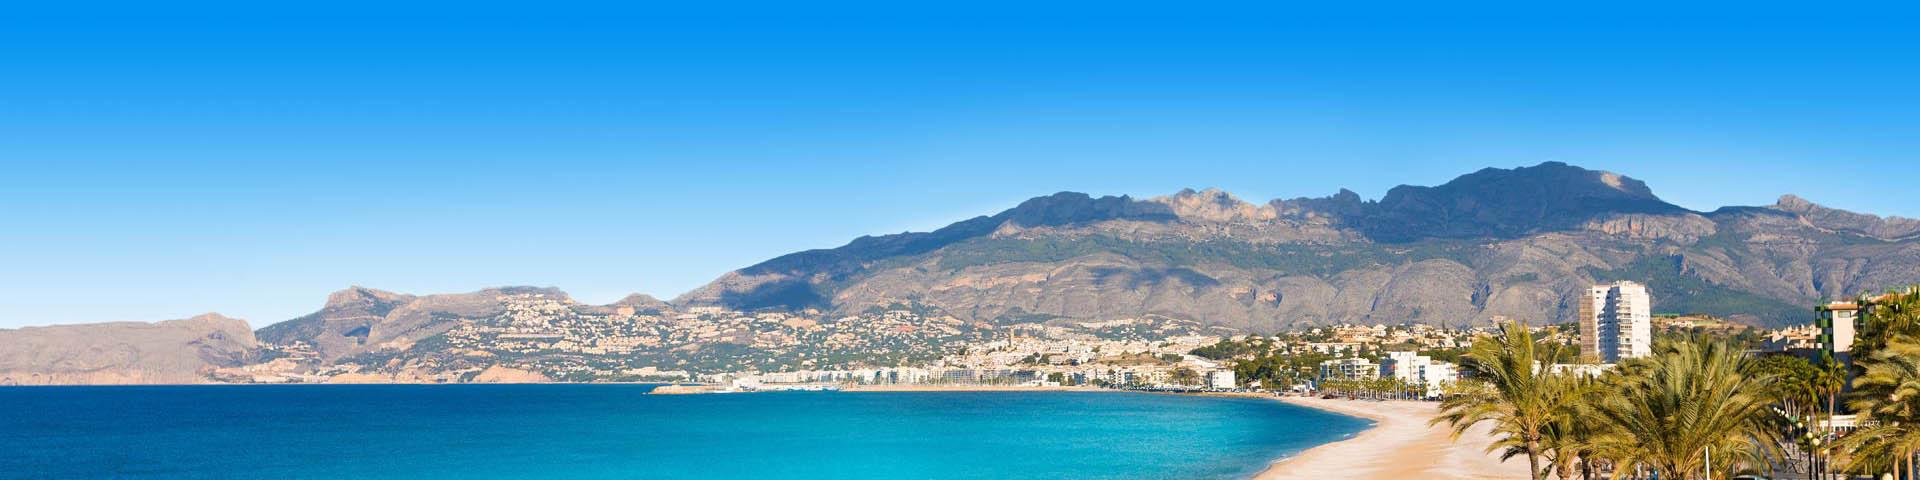 Prachtige strand en boulevard in Spanje